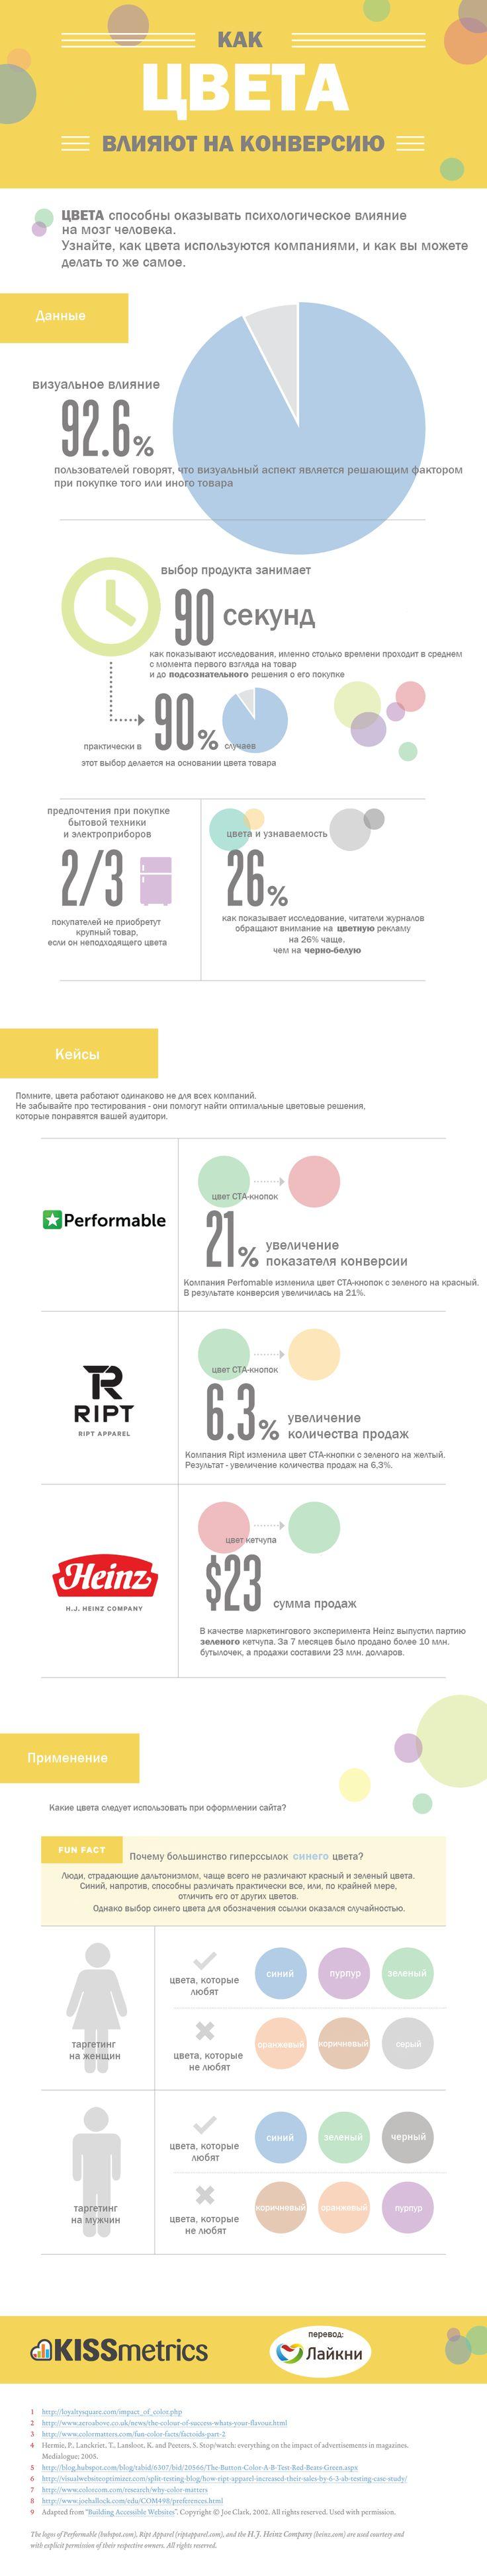 """Инфографика: как цвета влияют на конверсию Здравый смысл и жизненный опыт не позволяют считать эти сведения достоверными. Они слишком """"обо всём и ни о чём"""", и уже только поэтому не могут заслуживать доверия специалистов."""